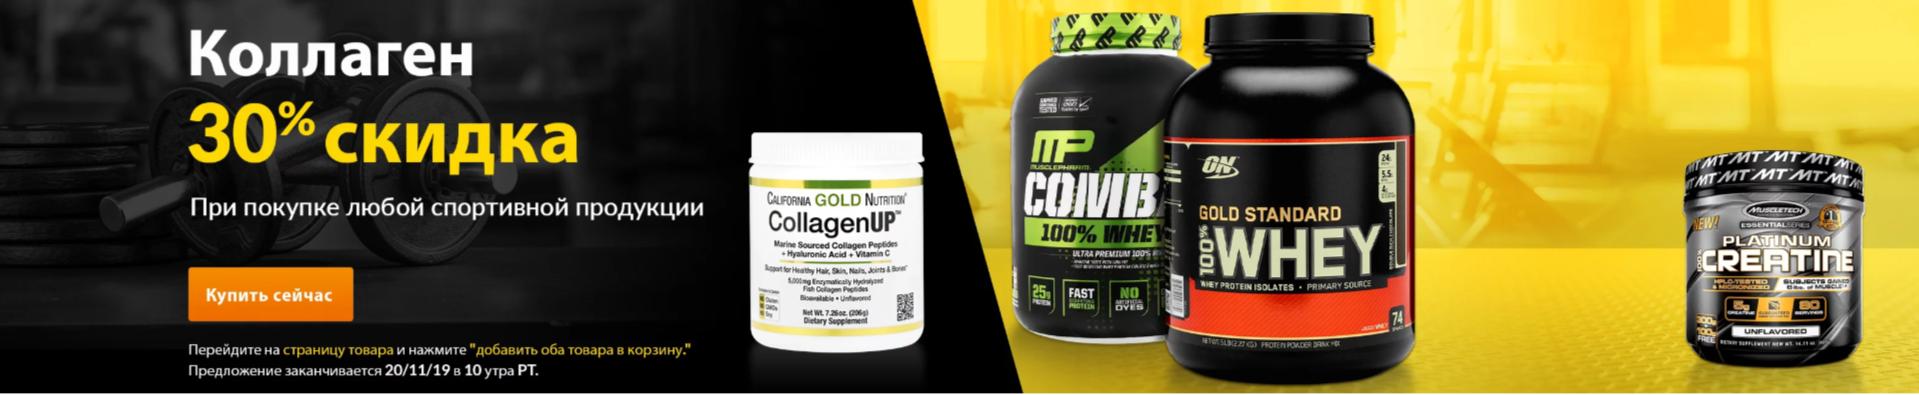 При покупке спортивного питания, CollagenUp со скидкой 30% - оба товара должны быть в корзине